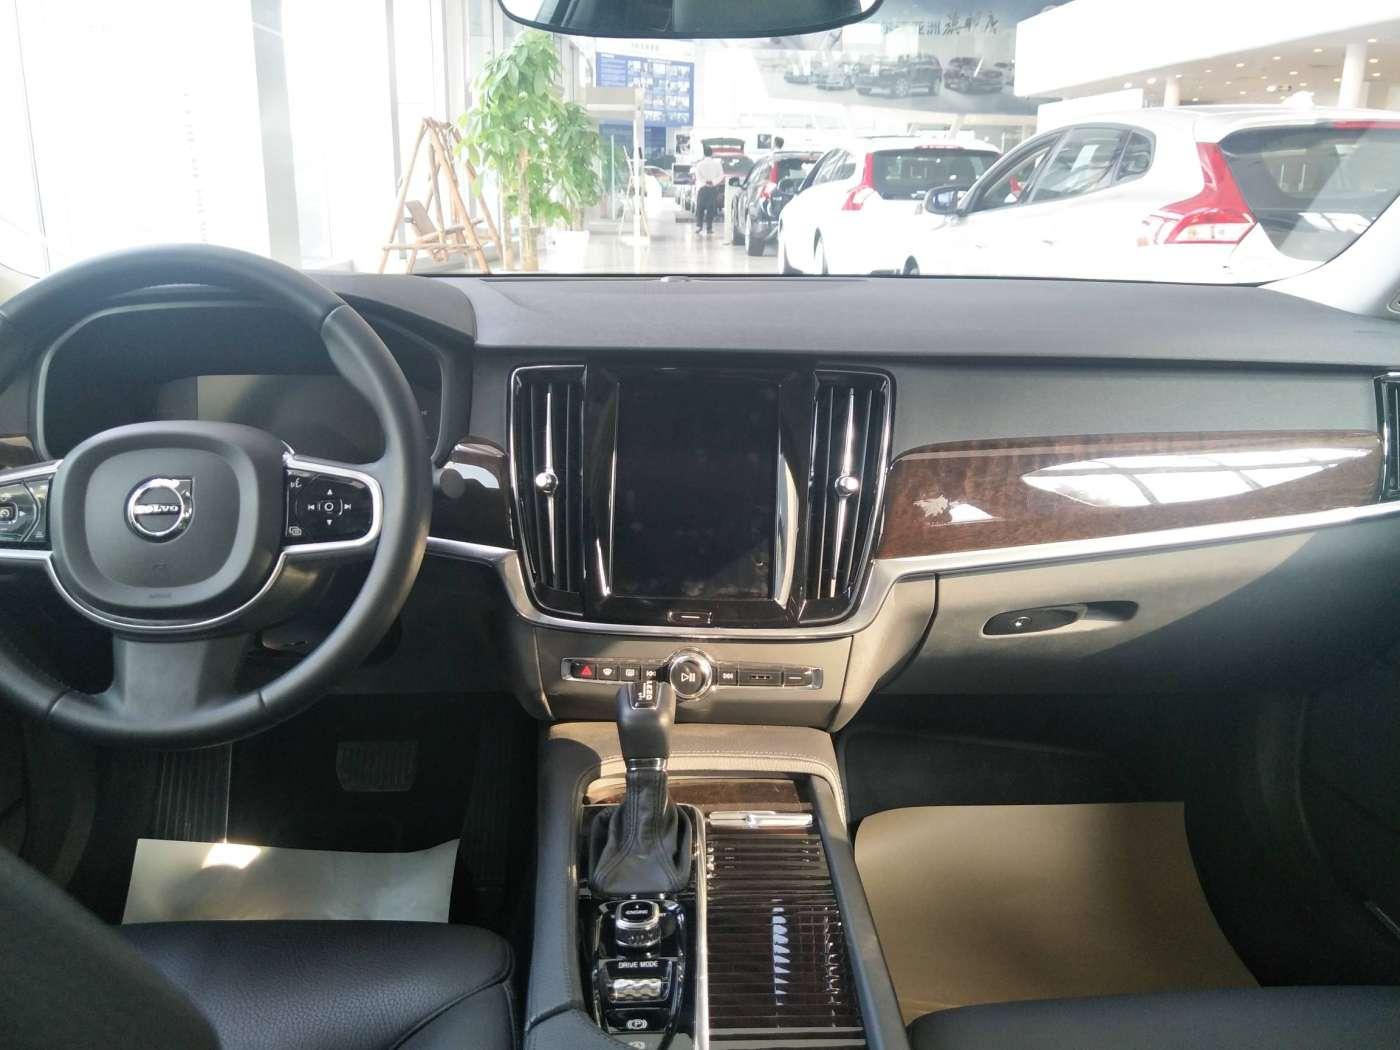 2017年04月 2018款 沃尔沃S90 2.0T T4 智远版|甄选沃尔沃-北京卡斯基汽车服务有限公司